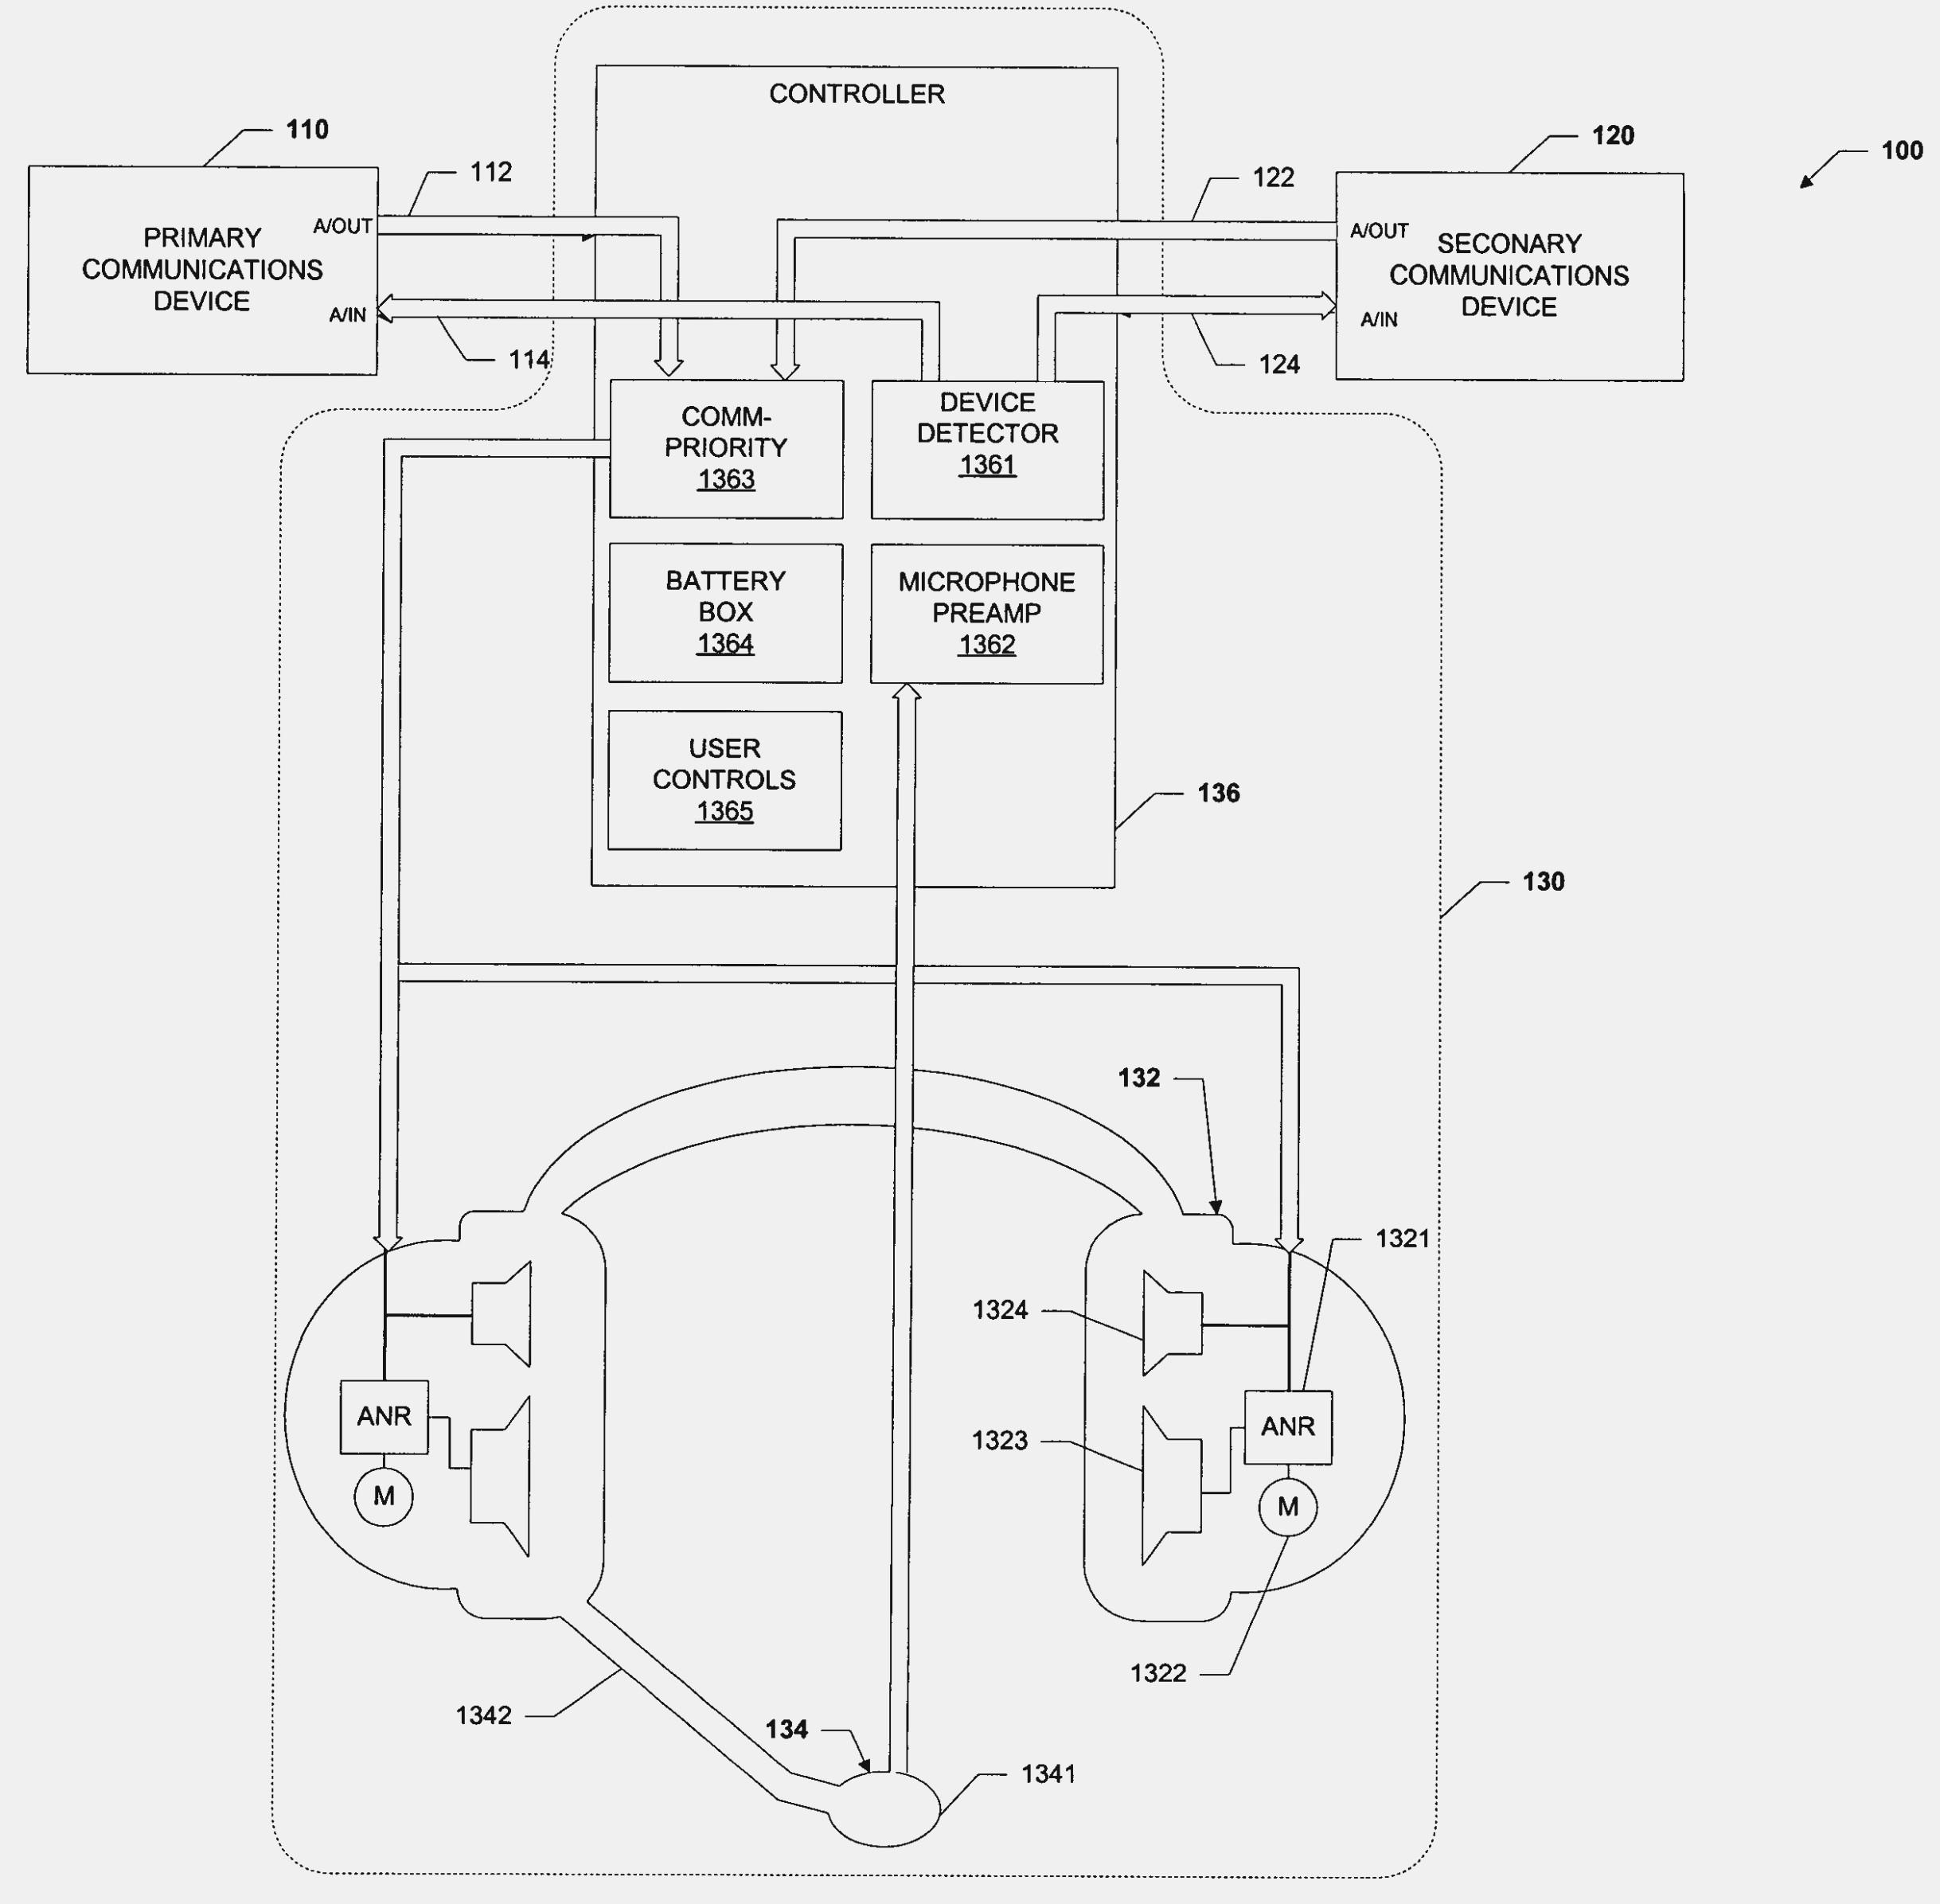 Headset Wiring Schematic | Wiring Diagram - Headphone Wiring Diagram